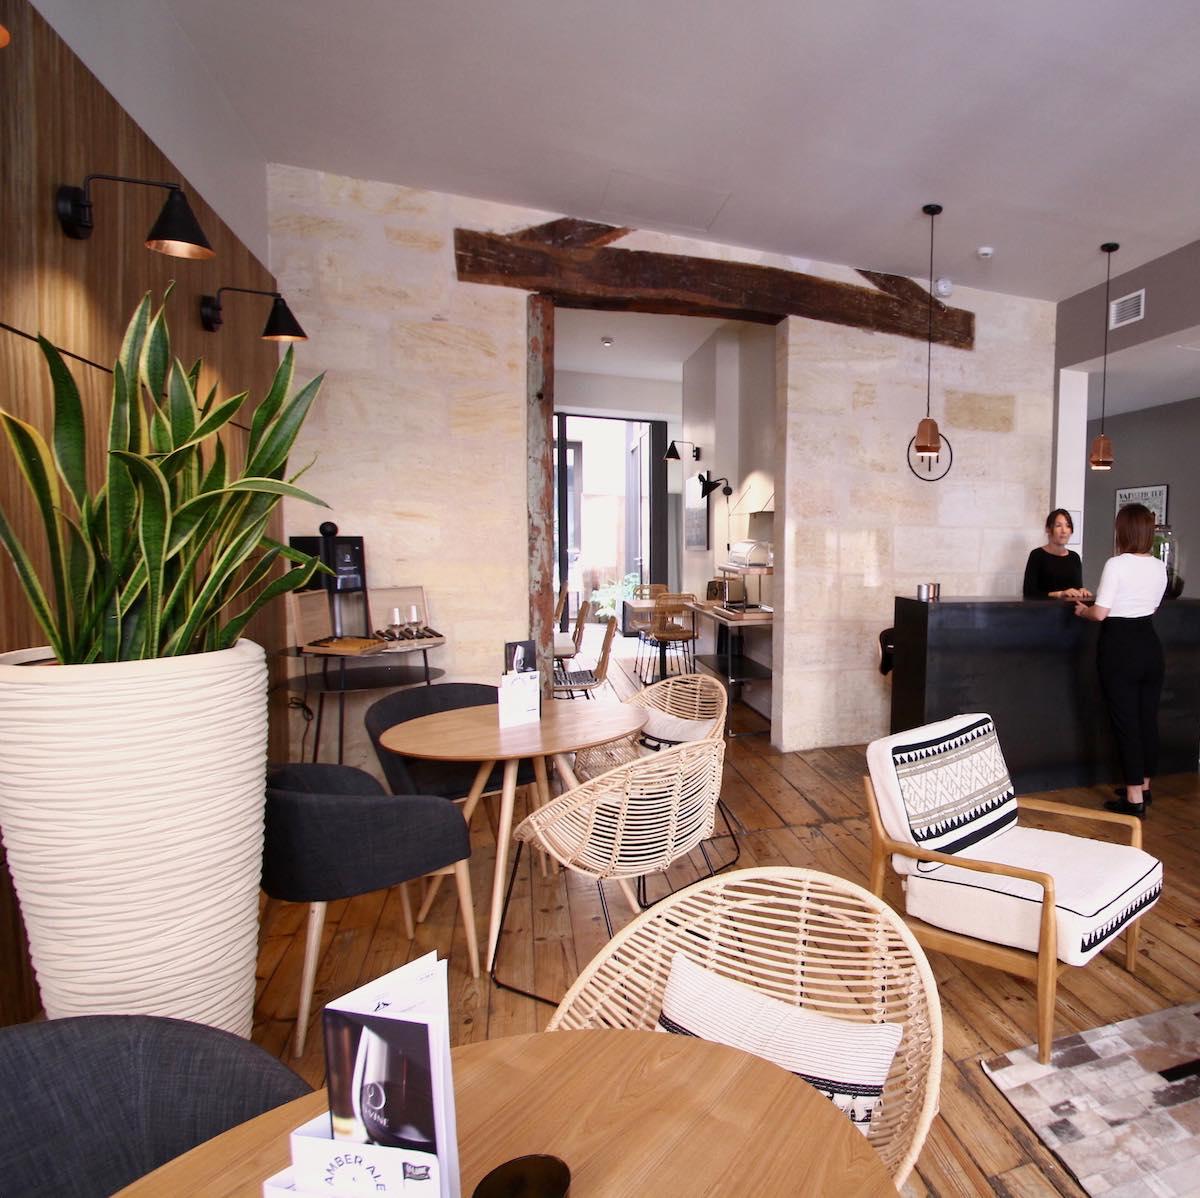 Hotel-design-bordeaux-centre-1M